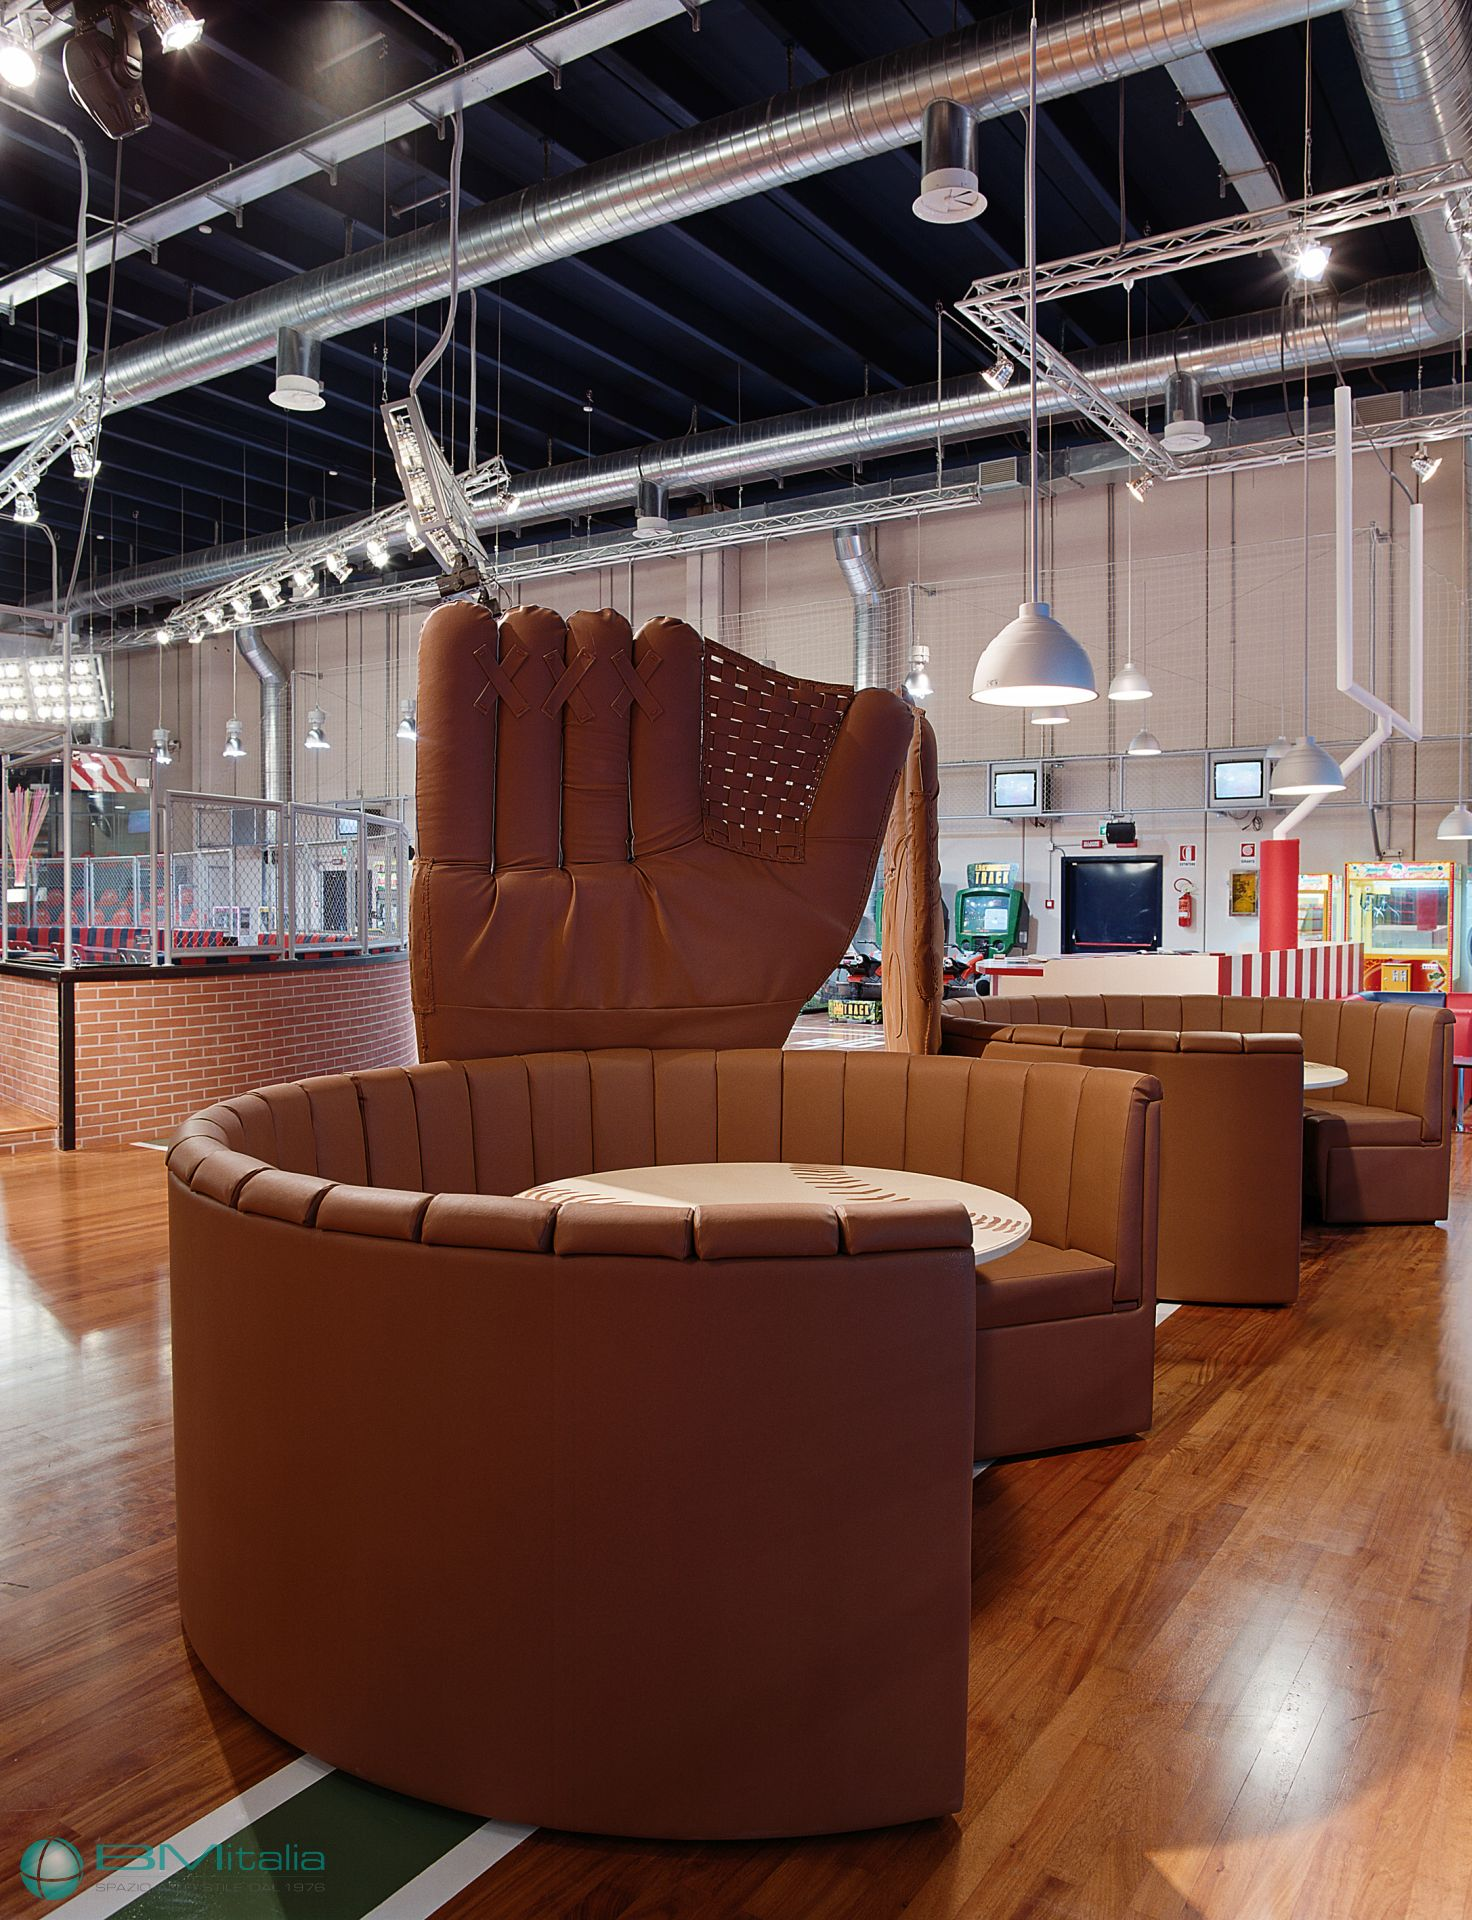 Progettazione e realizzazione arredamenti per locali e for Arredamenti per locali commerciali